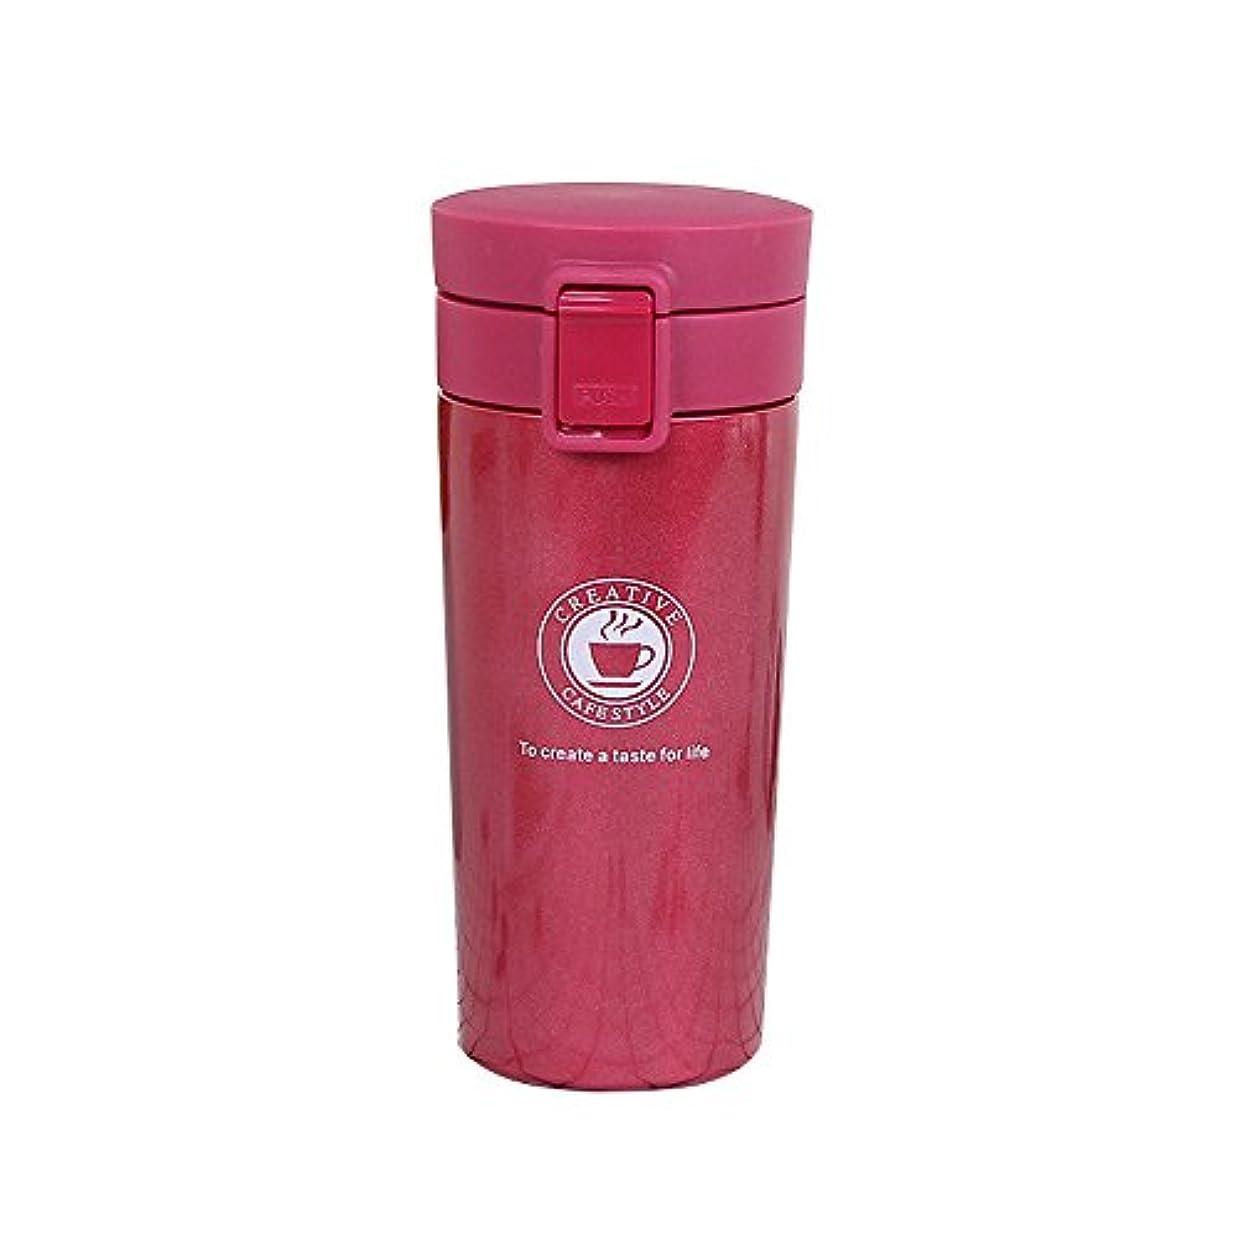 分数言うまでもなく恩赦Feelyer 304ステンレス鋼水カップ大容量350ミリリットル簡単に掃除安全熱放散防汚品質保証高温耐性ファッショントレンド 顧客に愛されて (色 : ピンク)